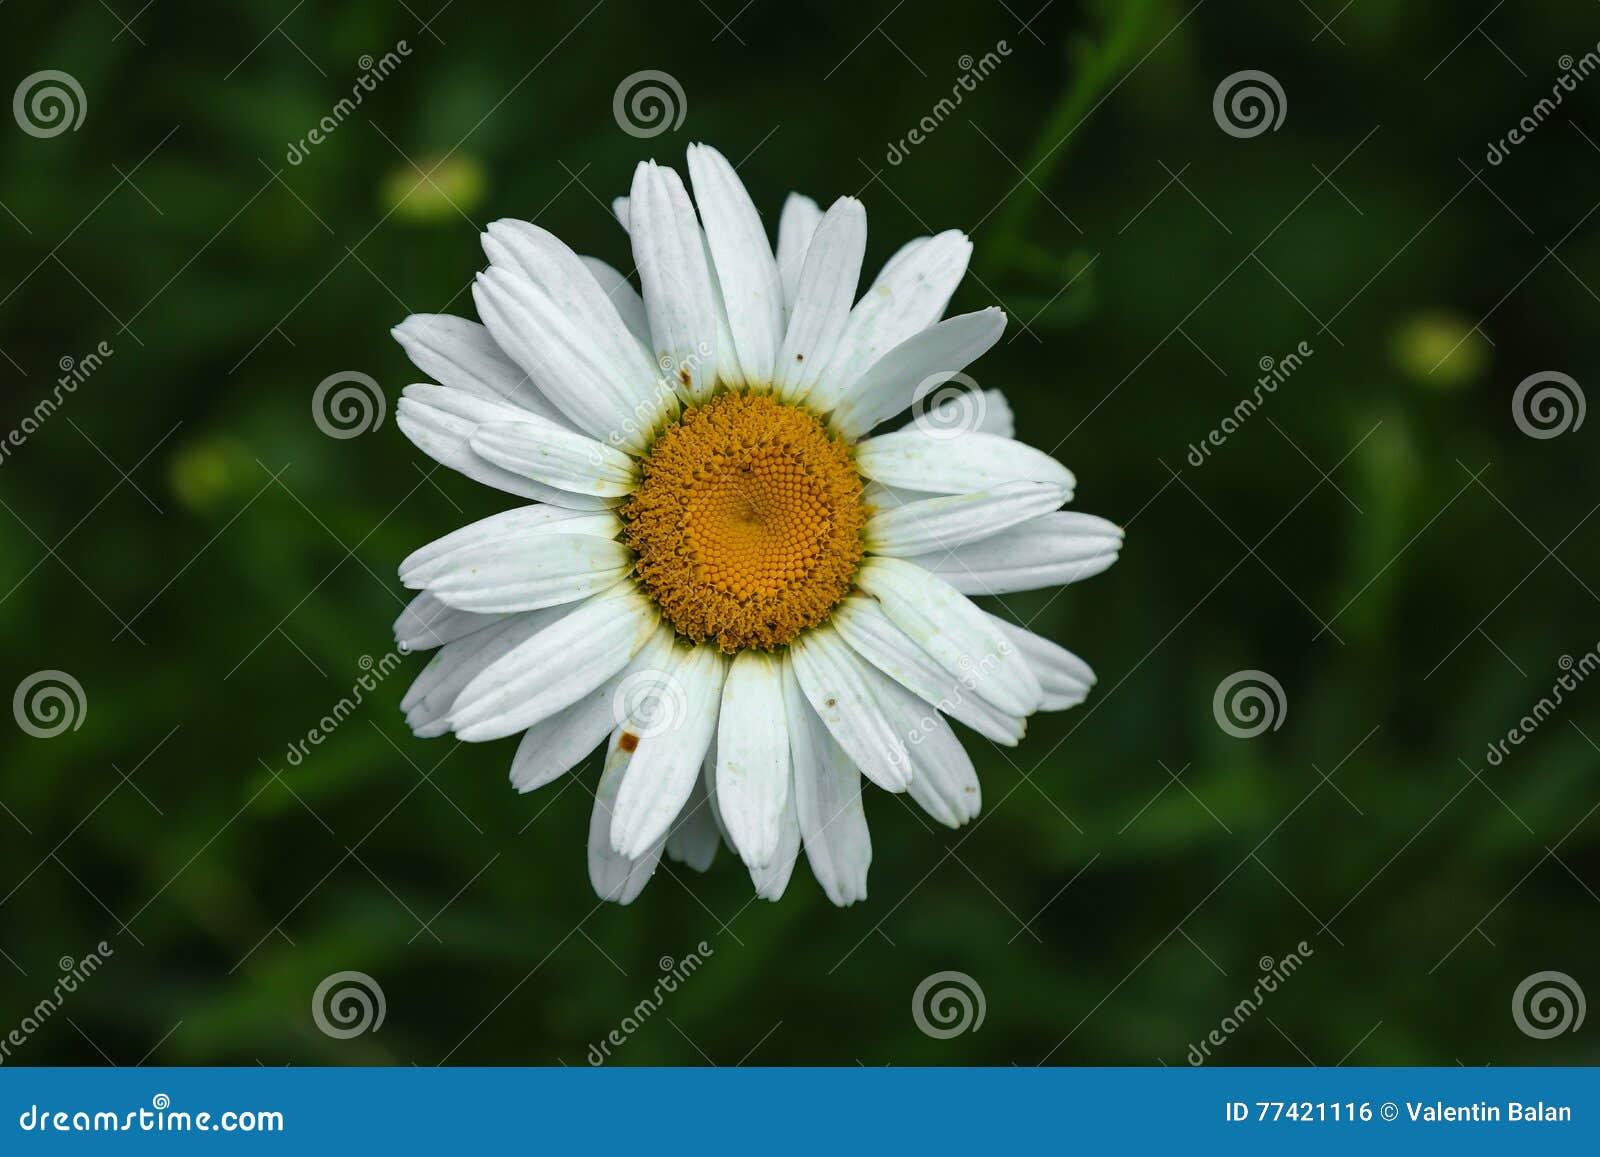 White Daisy Like Chamomile Flower Stock Photo Image Of Plant